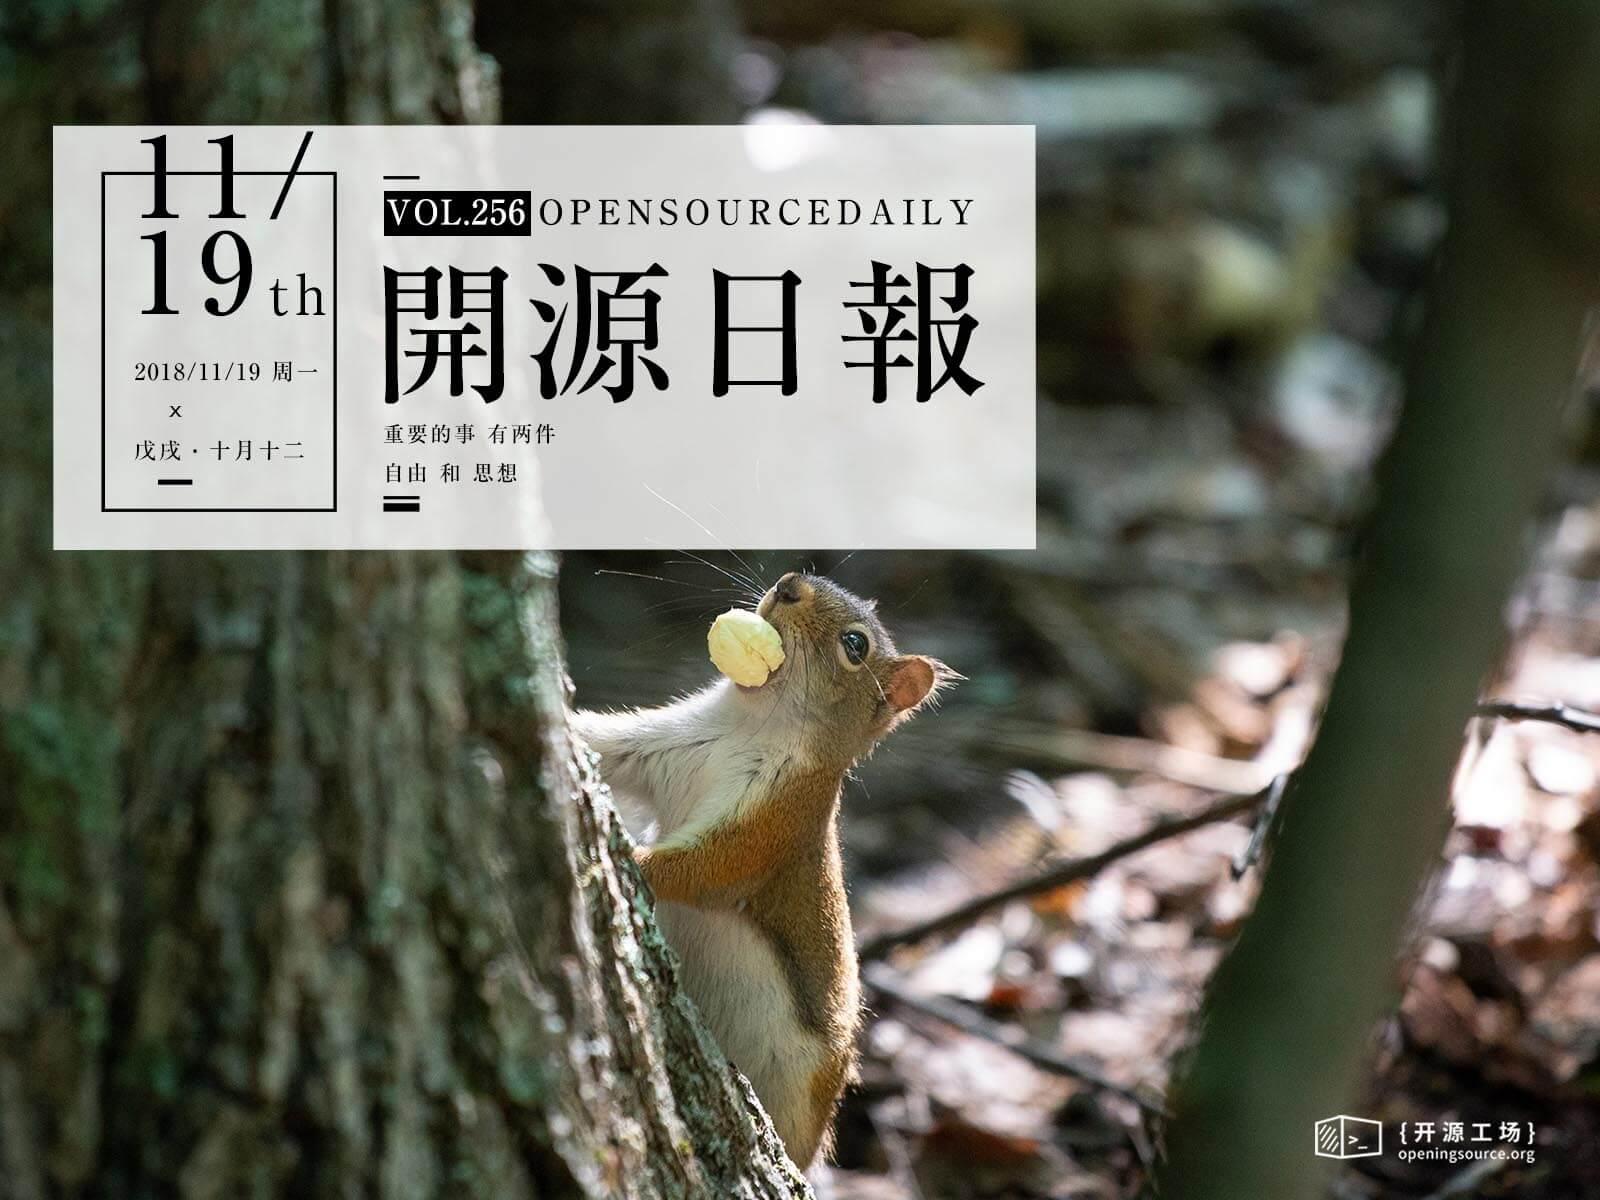 2018年11月19日:開源日報第256期